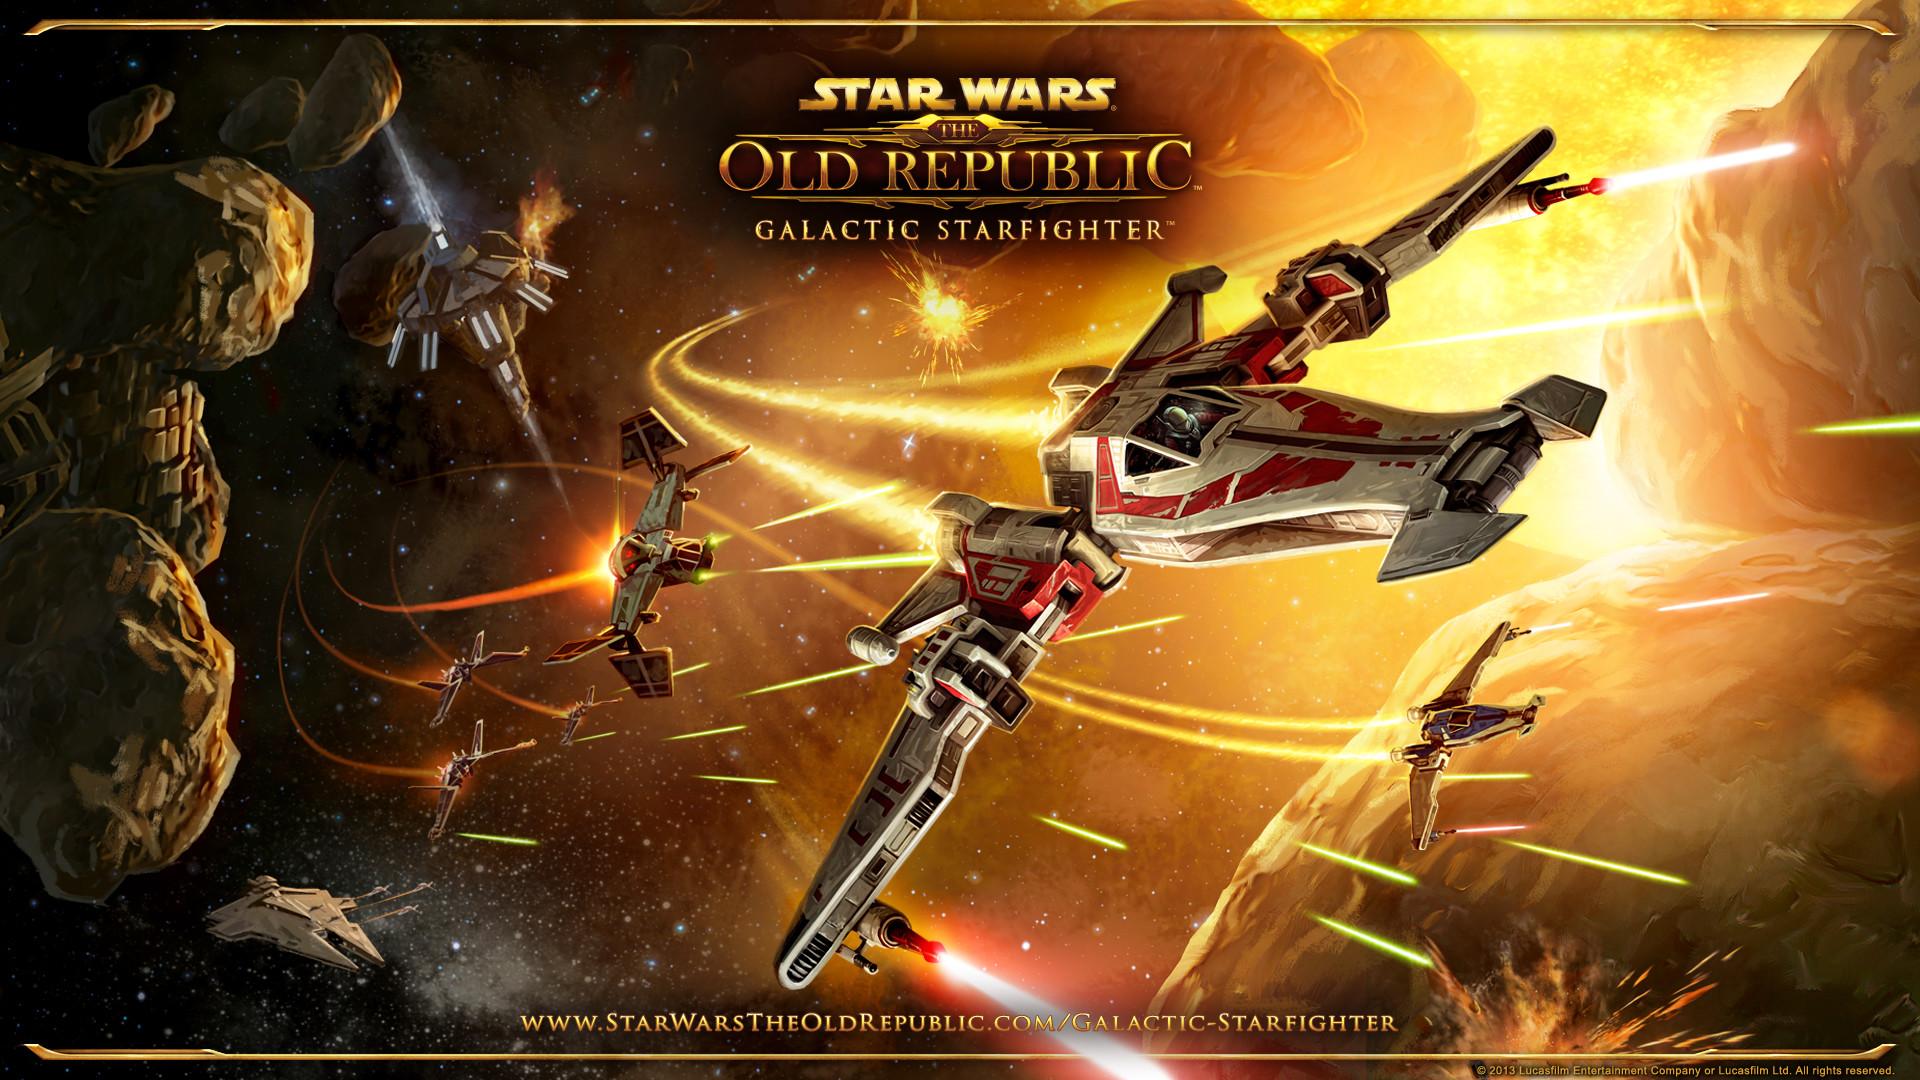 Image – GalStar Wallpaper EN.jpg   Star Wars: The Old Republic  Wiki   FANDOM powered by Wikia